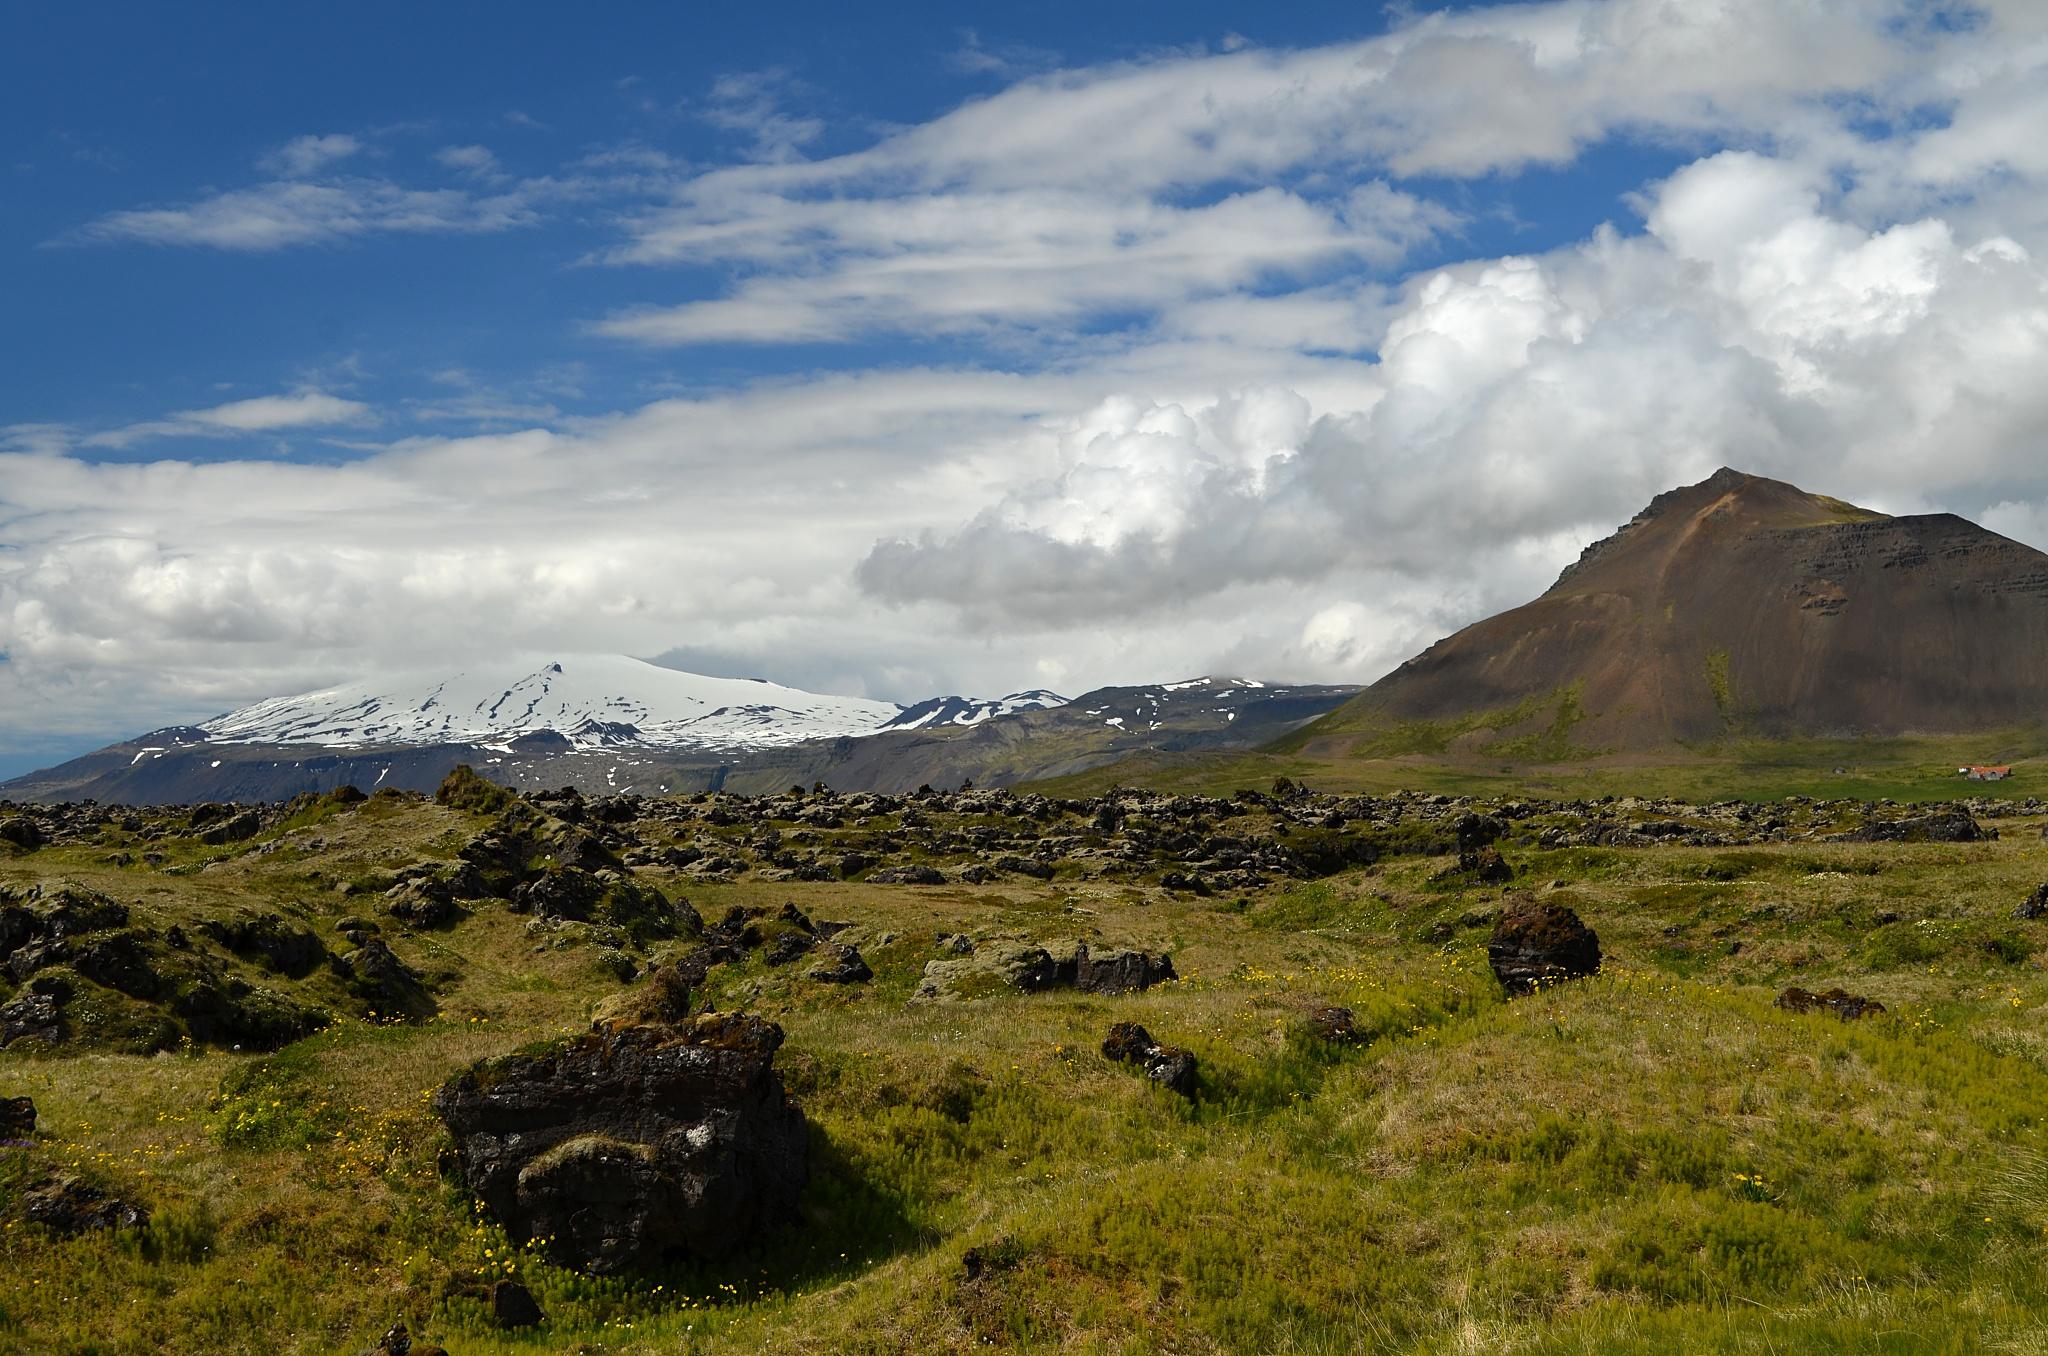 Okolí Búðiru s ledovcem Snæfellsjökull v pozadí.